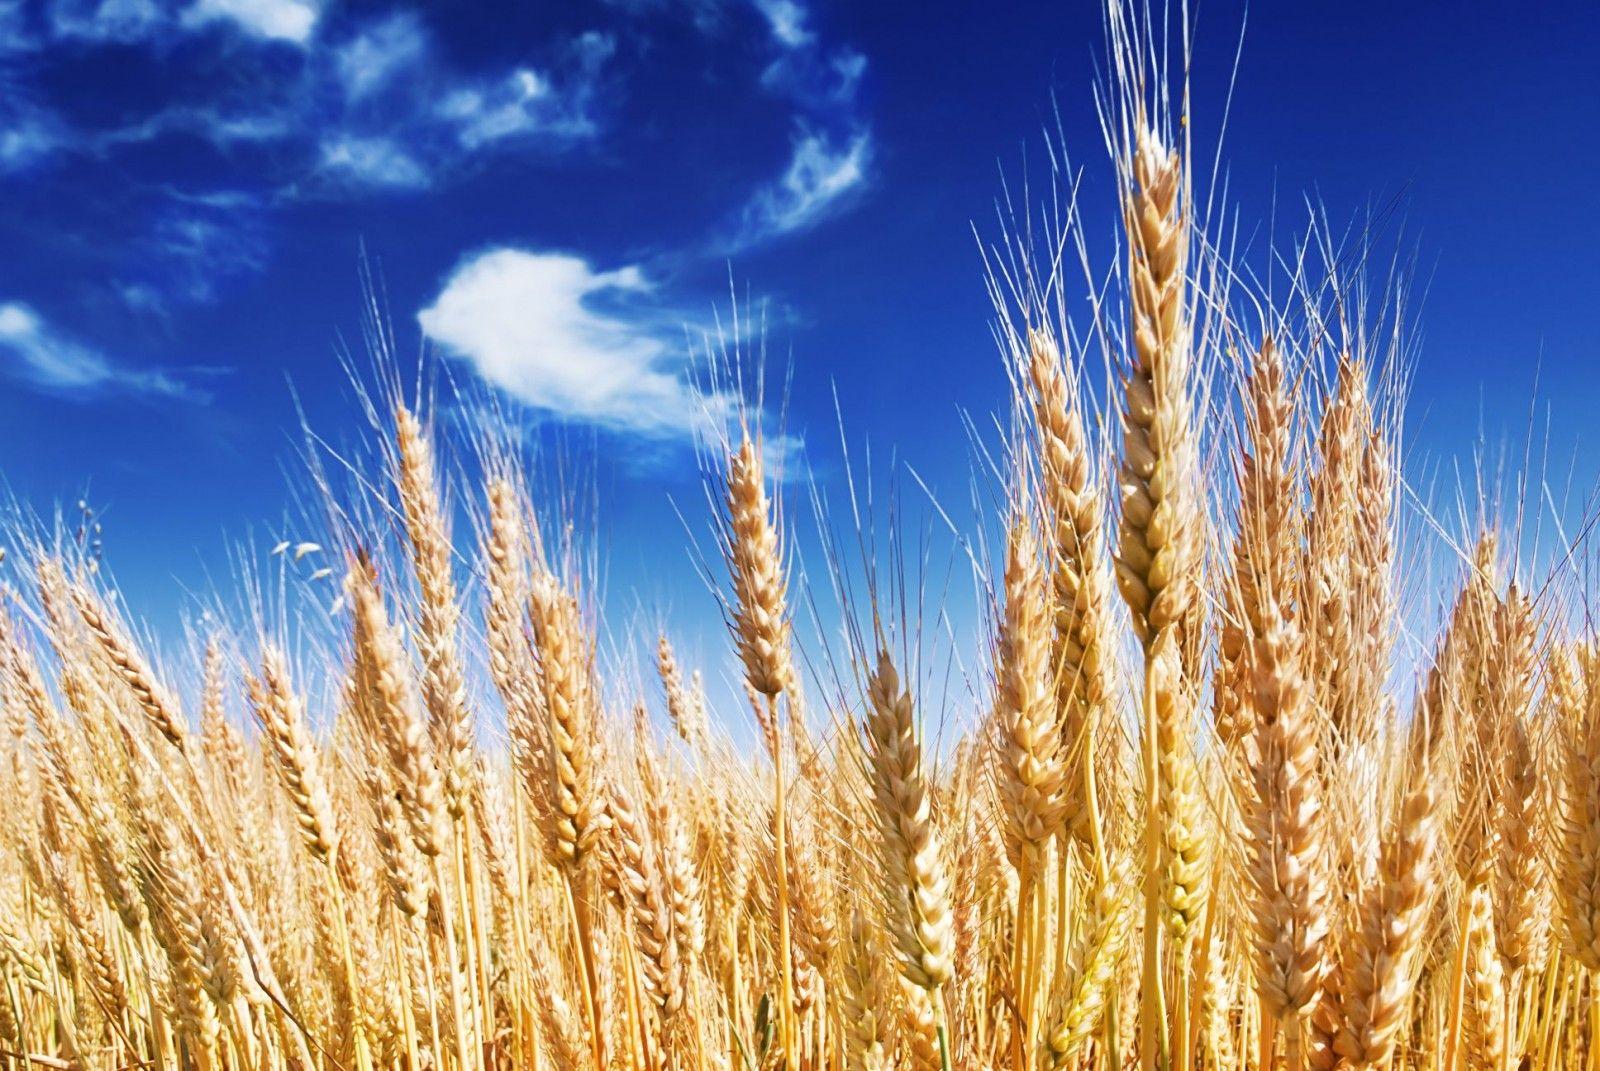 Sven Anderes bietet in seinem Mühli – Ladä , in Grotzenmühle Einsiedeln eine große Auswahl an Bio Mehl und Grotzenmühle-Mehl. In Einsiedeln, Schwyz ist der Bio und Reform Laden, für Mehl kaufen sehr bekannt. Die Bio Produkte sind immer frisch und mit Garantie.